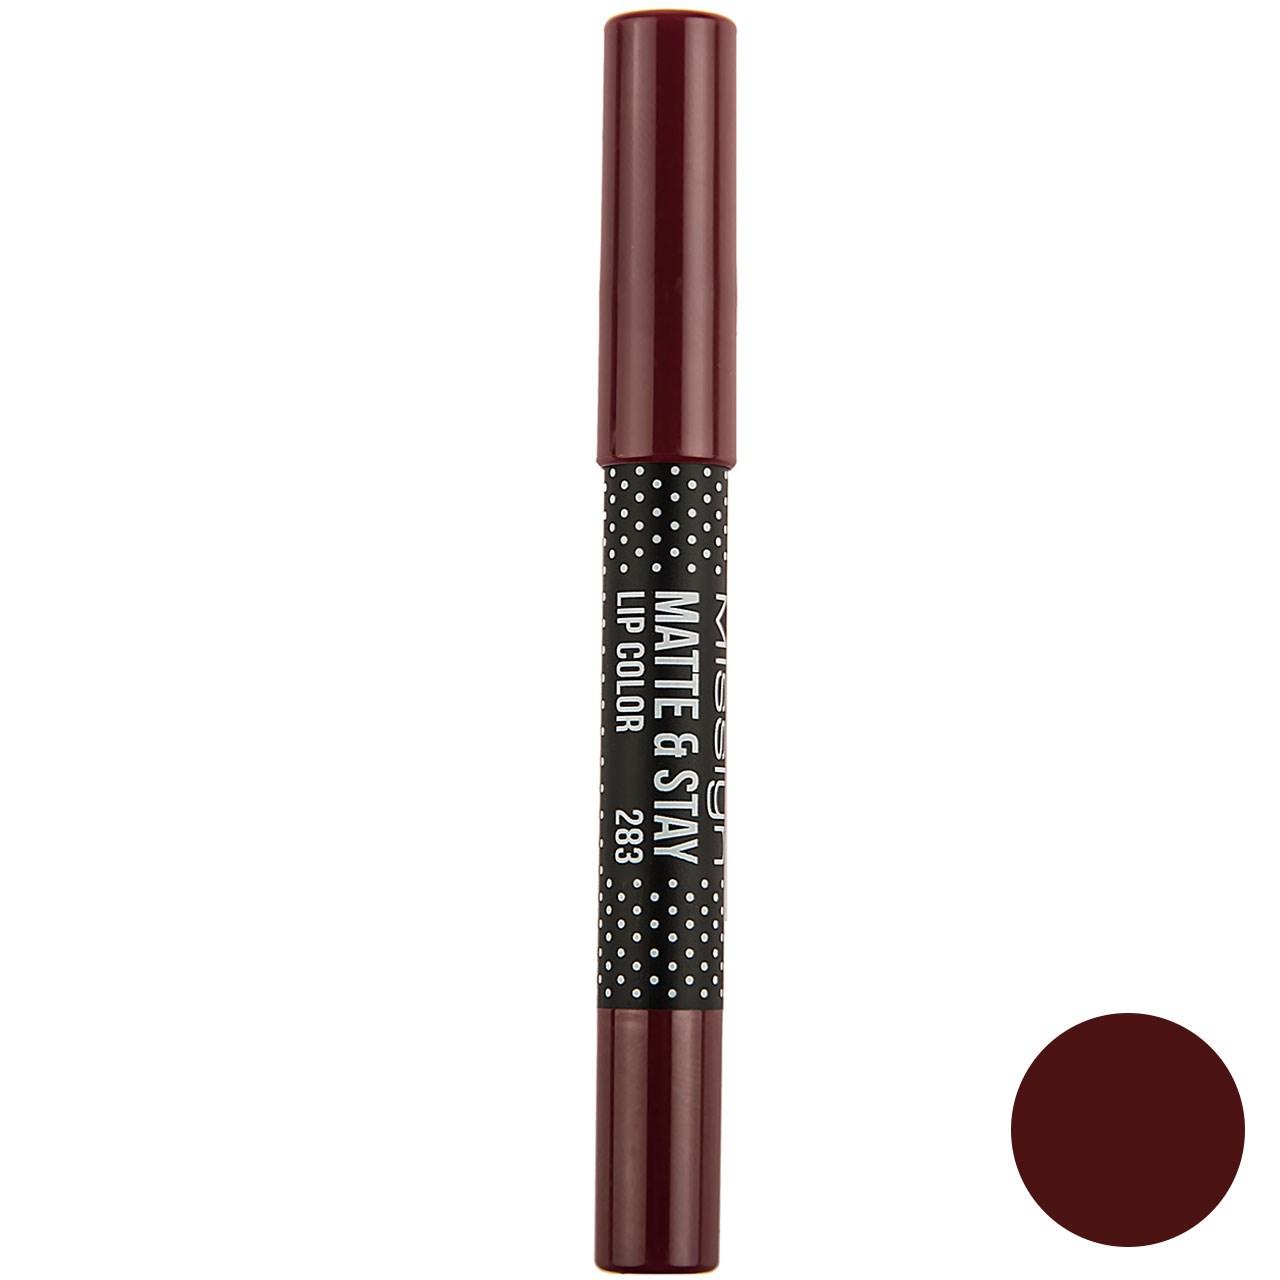 راهنمای خرید رژ لب مدادی میسلین سری Matte And Stay شماره 283 لیست قیمت